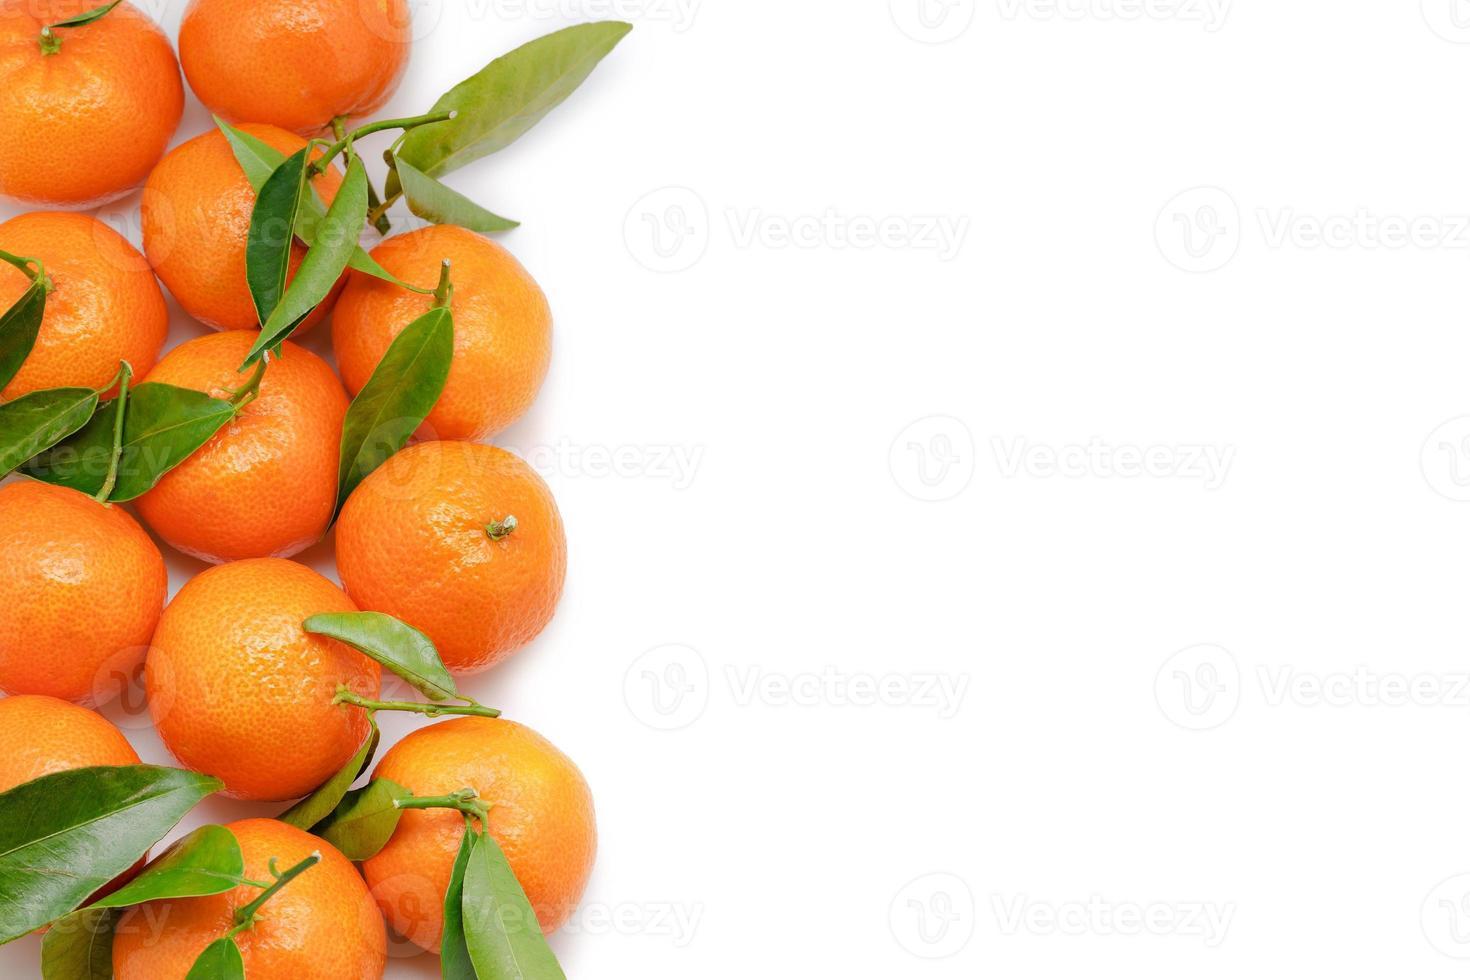 Mandarinen isoliert auf weißem Hintergrund mit Kopienraum foto